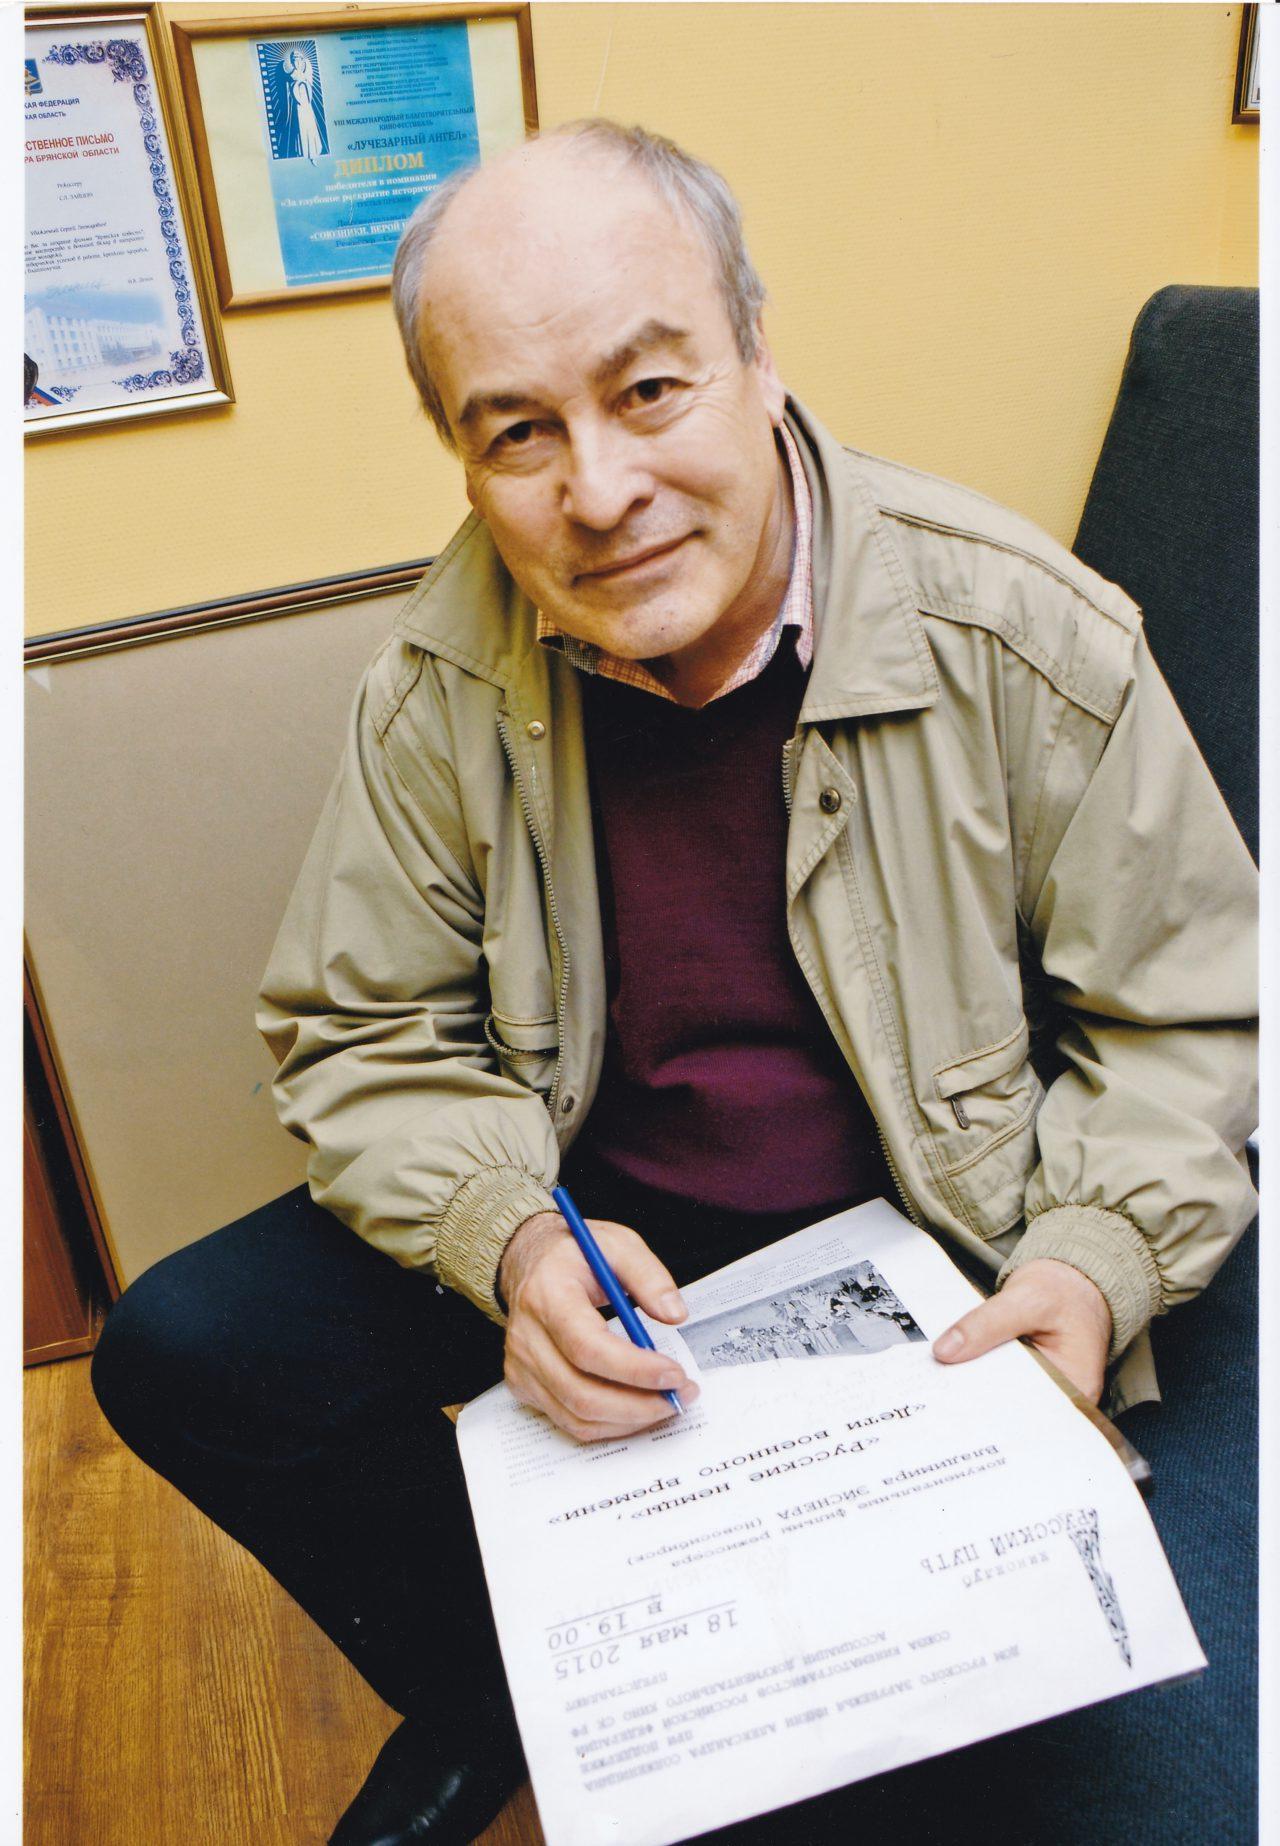 Ассоциация документального кино СК РФ в газете «СК-НОВОСТИ» №10 (384) 21 октября  2019